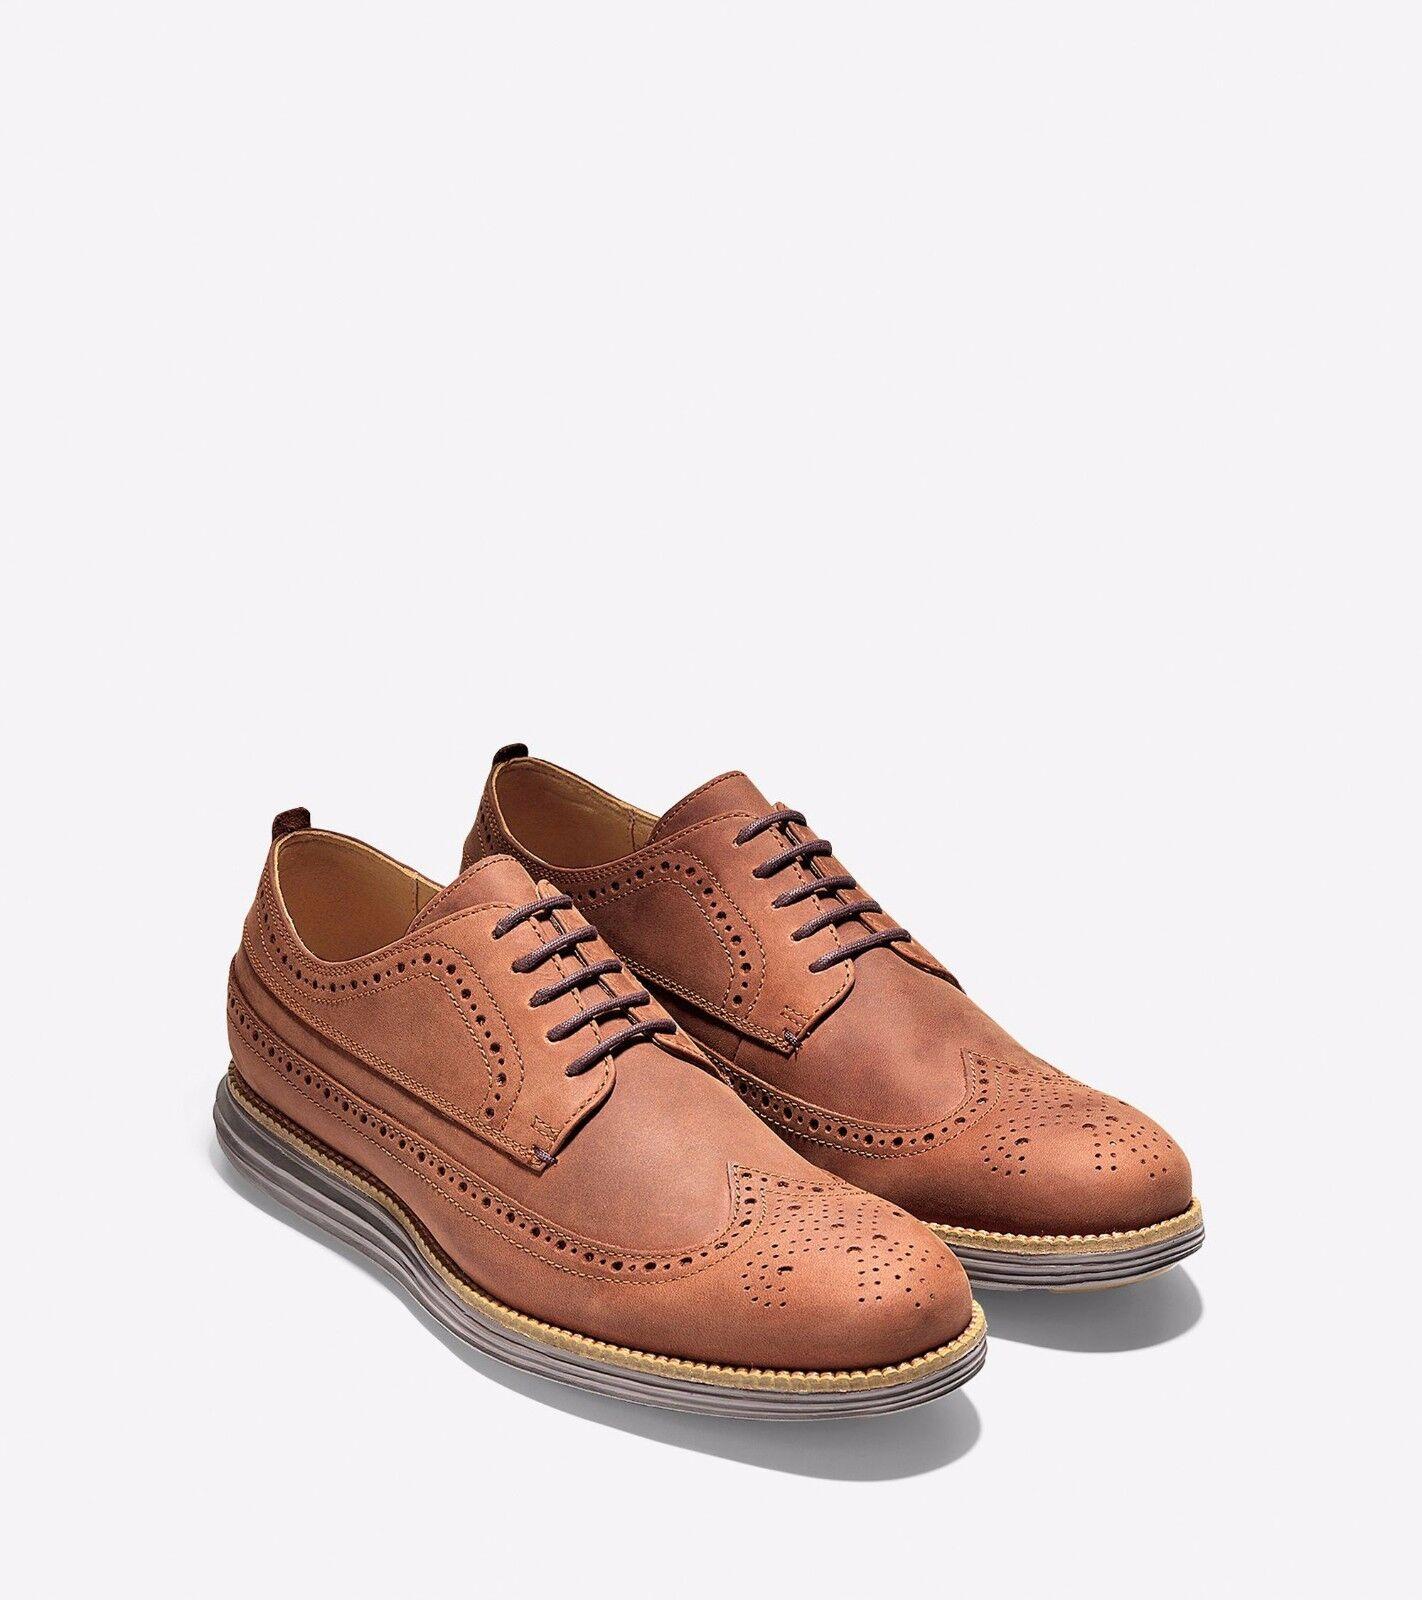 Cole Haan Homme Grand original long Bout D'Aile Chaussures Oxford 7 Woodbury C23436 nouveau